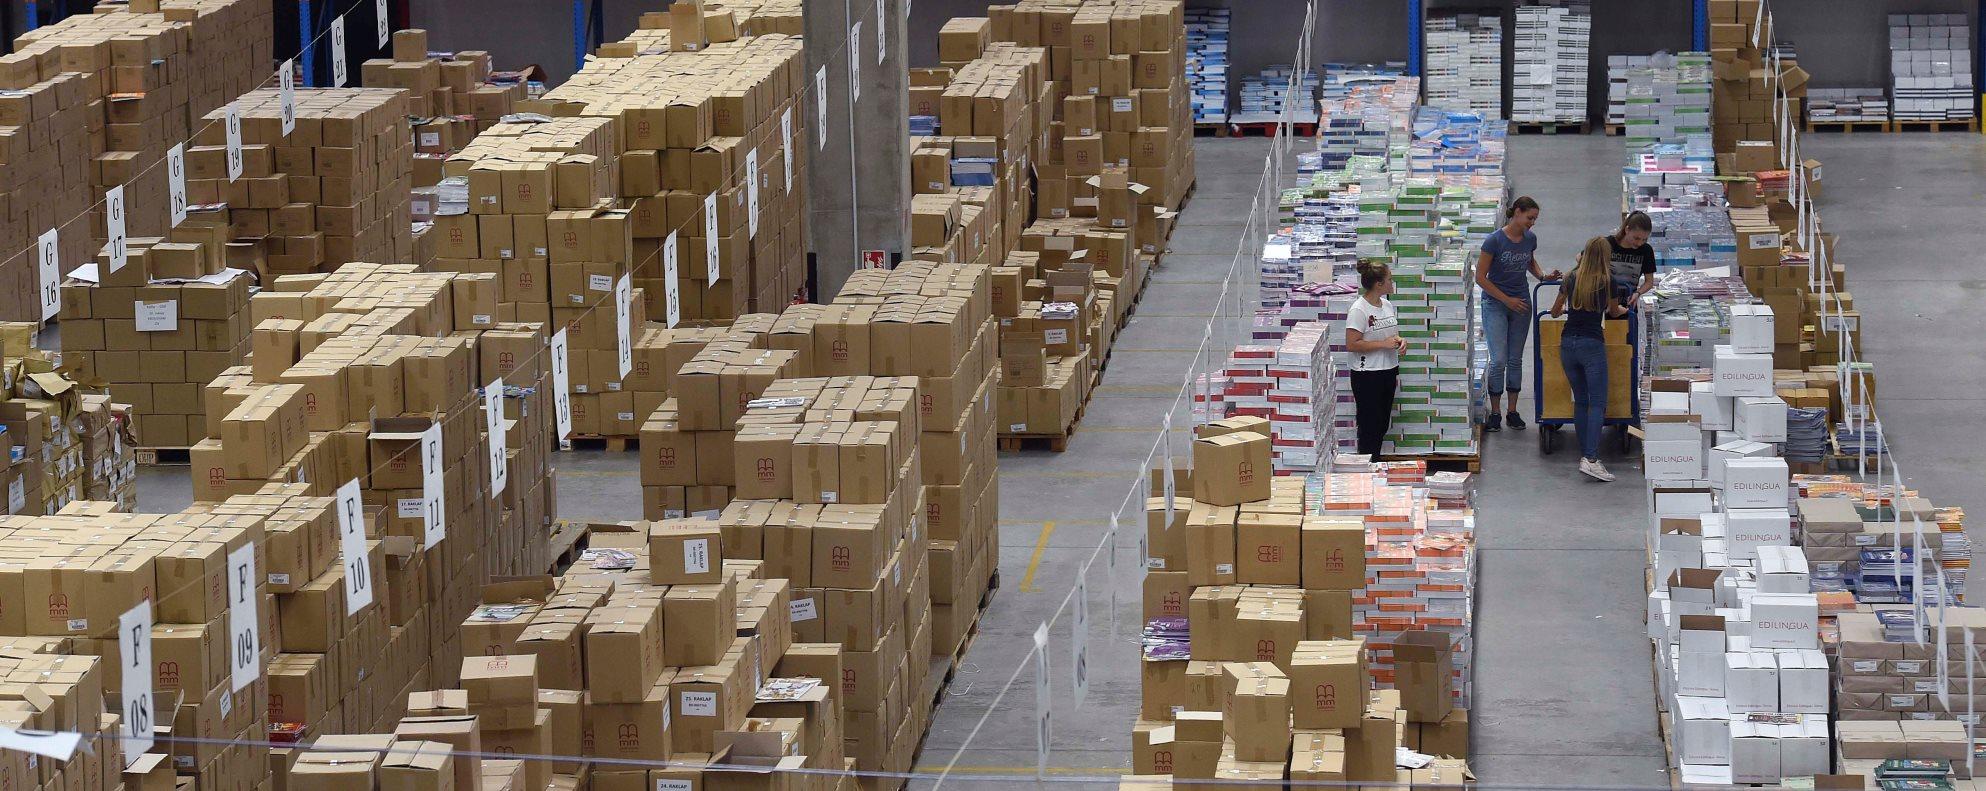 Előkészítik a tankönyveket kiszállításra a Könyvtárellátó Nonprofit Kft. üllői raktárában